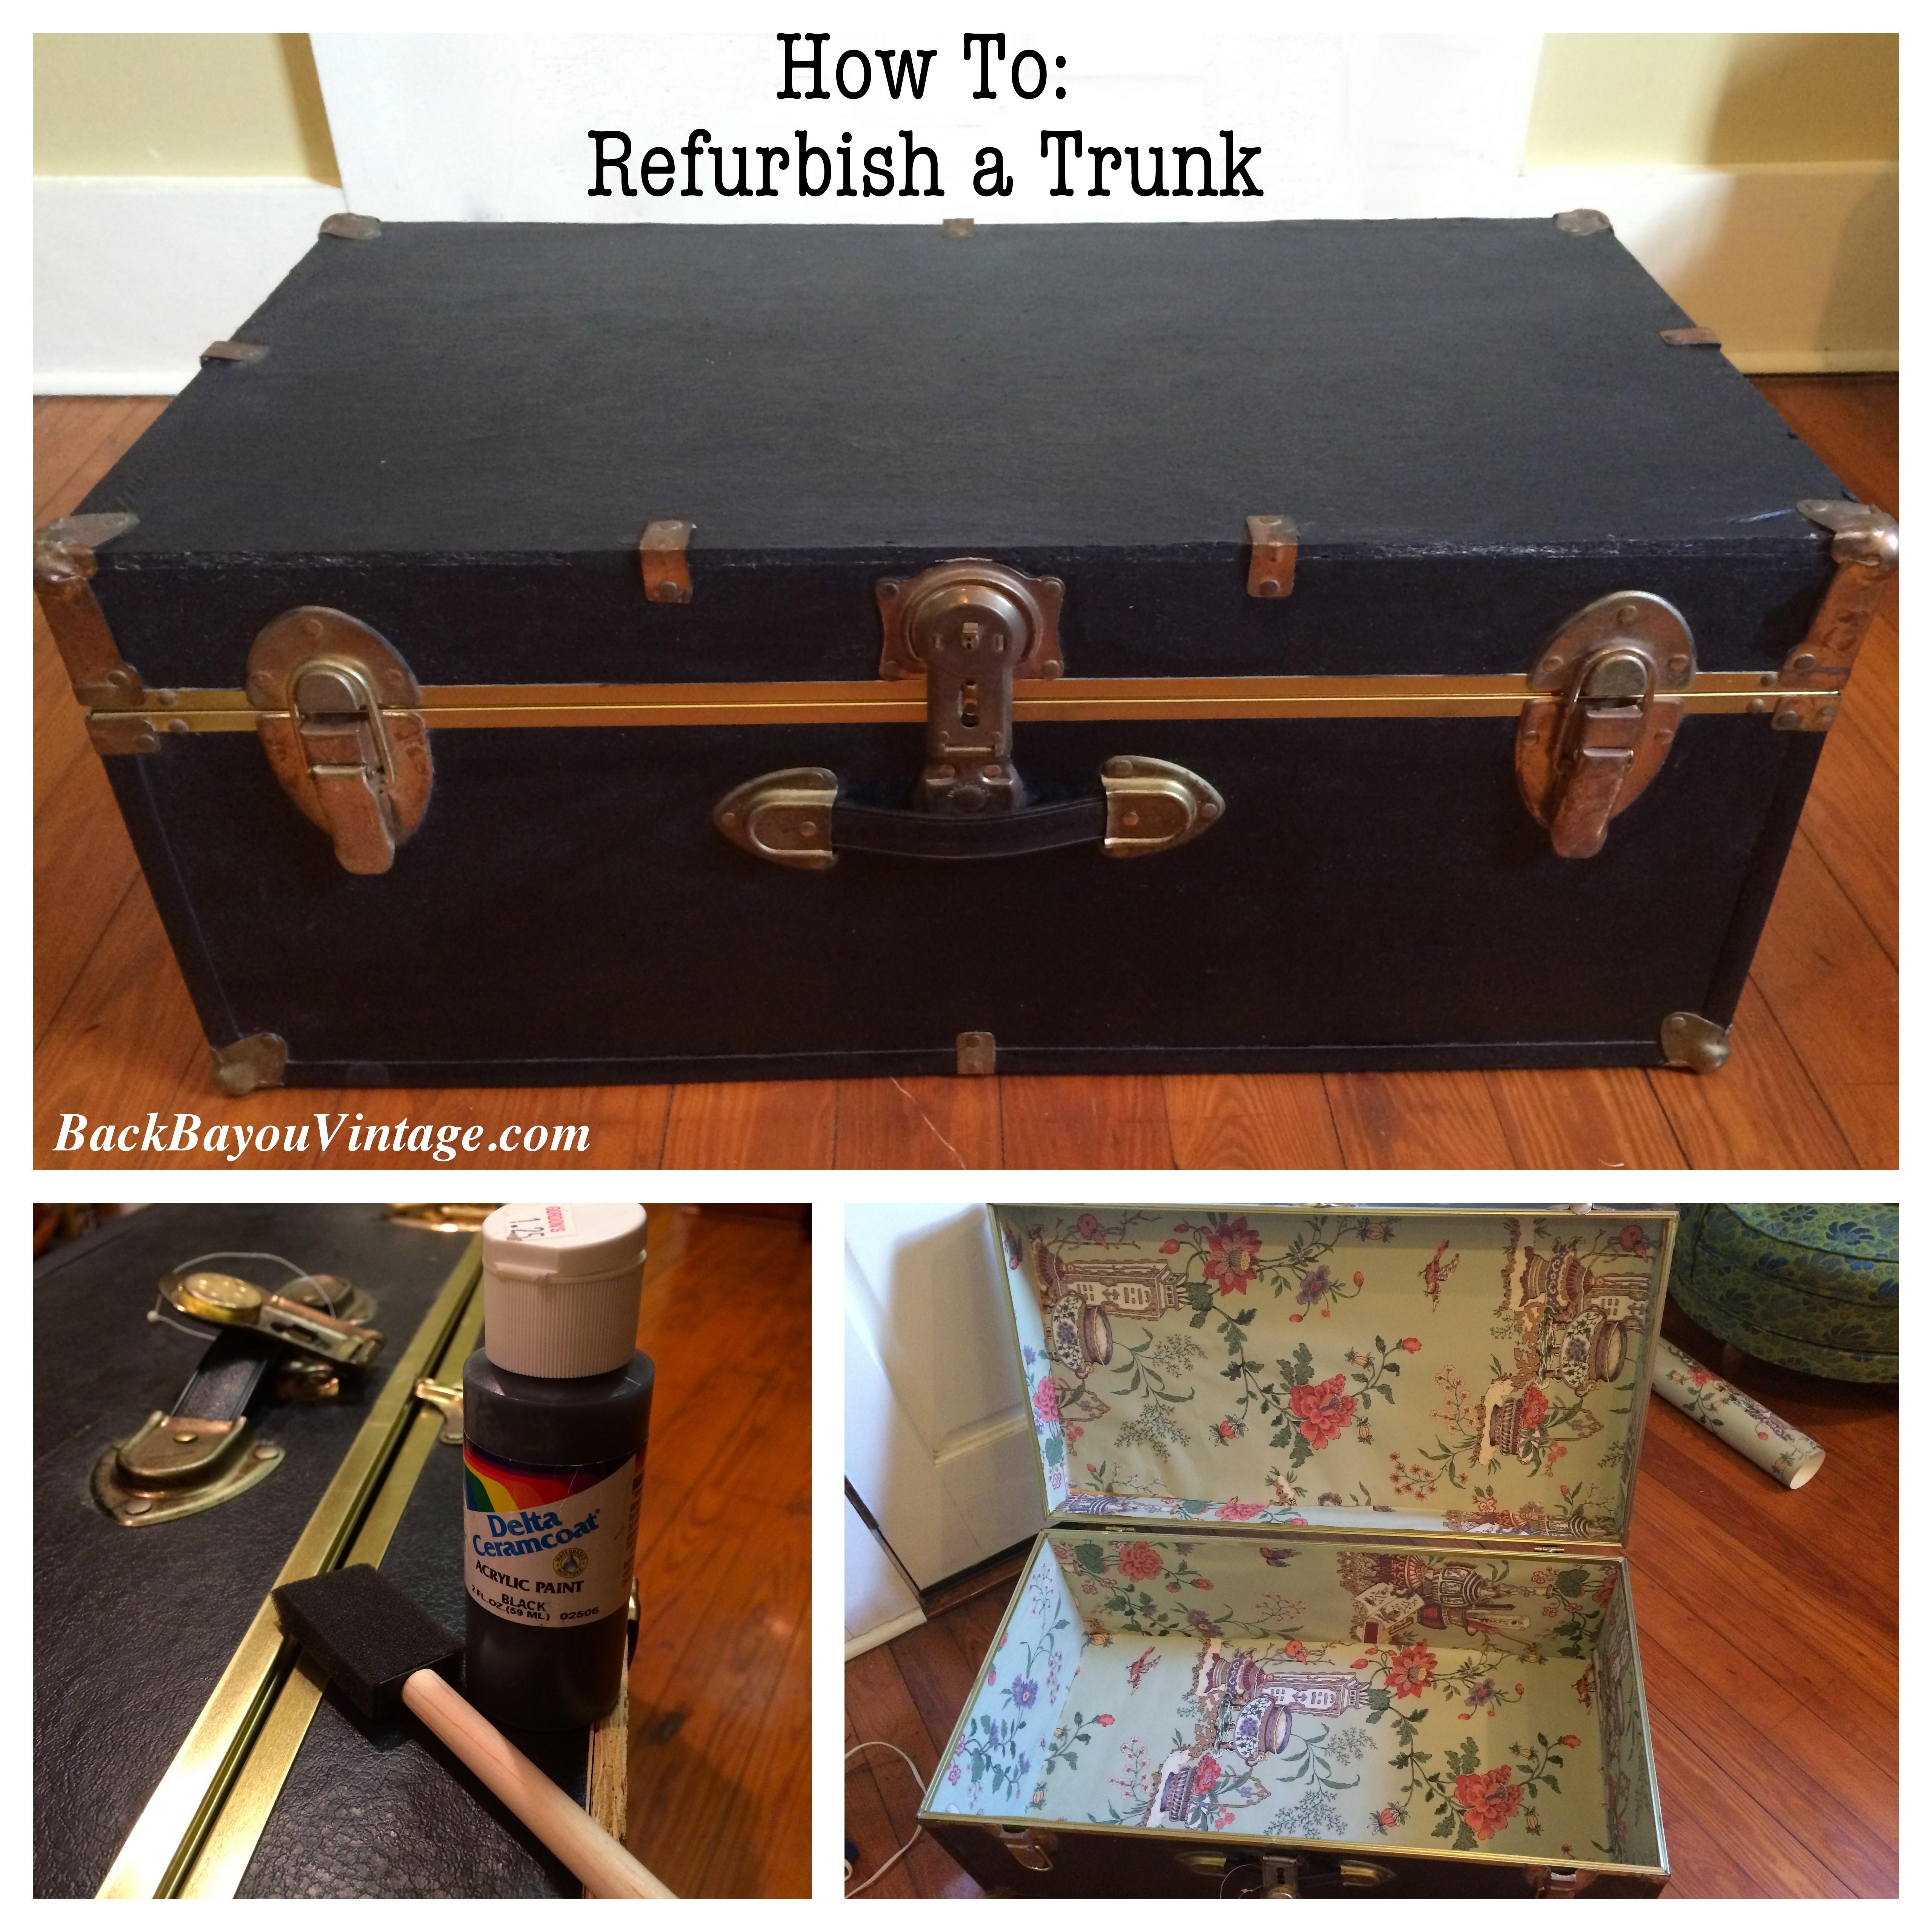 diy refurbished trunk back bayou vintage